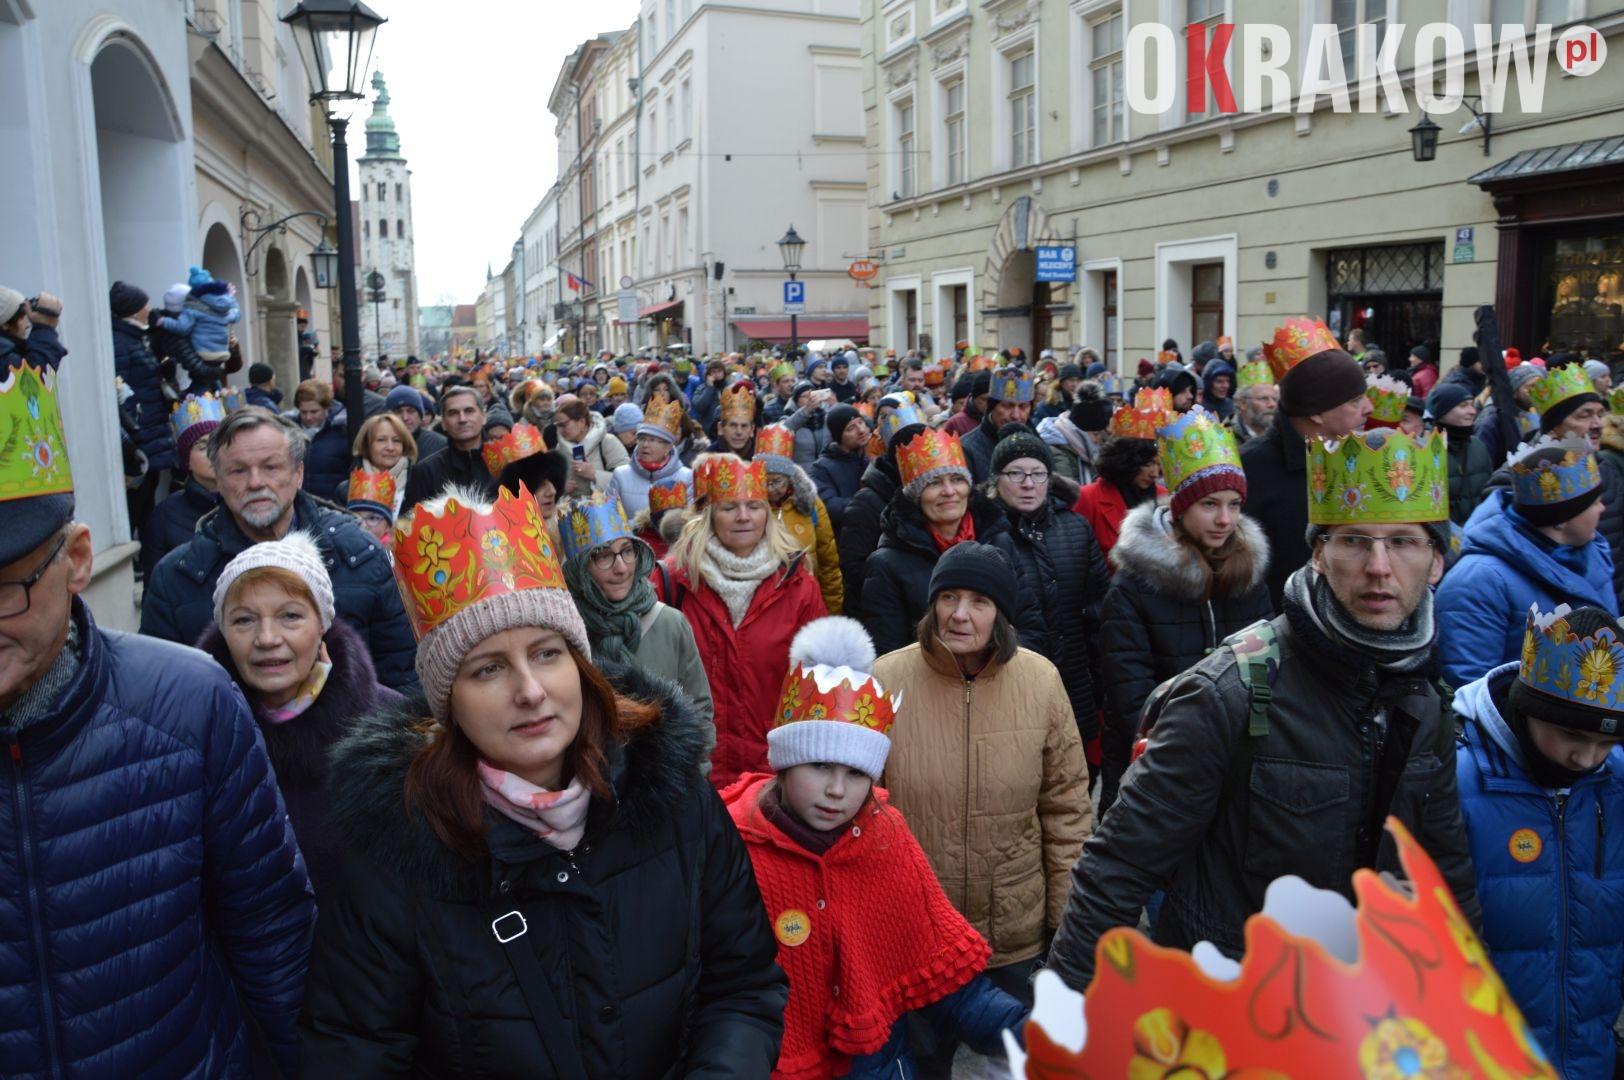 orszak 33 1 150x150 - Orszak Trzech Króli Kraków 2020 Galeria Zdjęć z Orszaku (czerwonego)